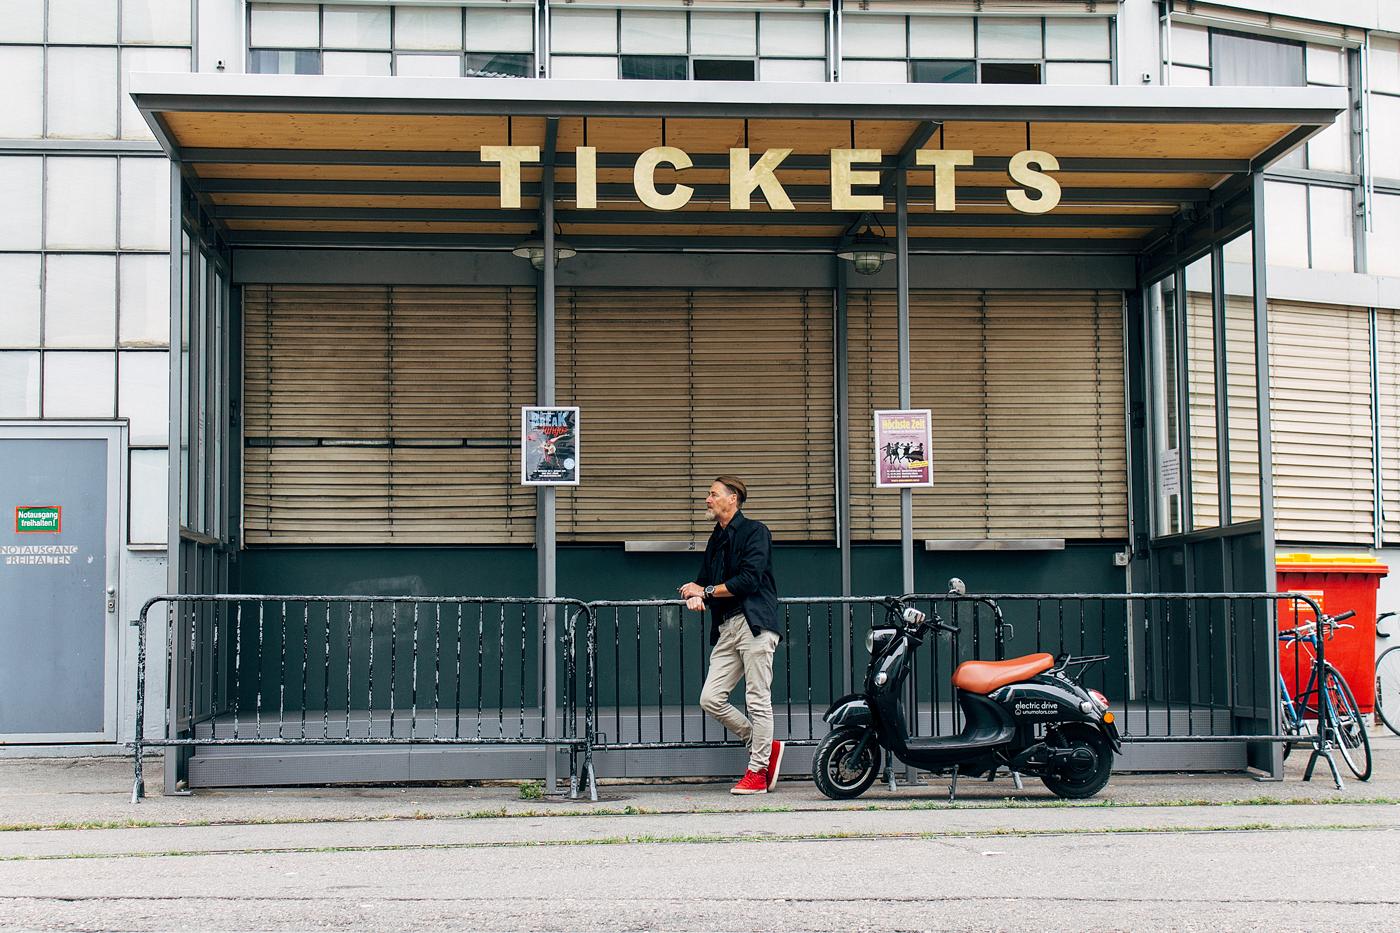 Maak je geen zorgen meer over parkeren, parkeer je unu elektrische scooter gewoon bij de ingang